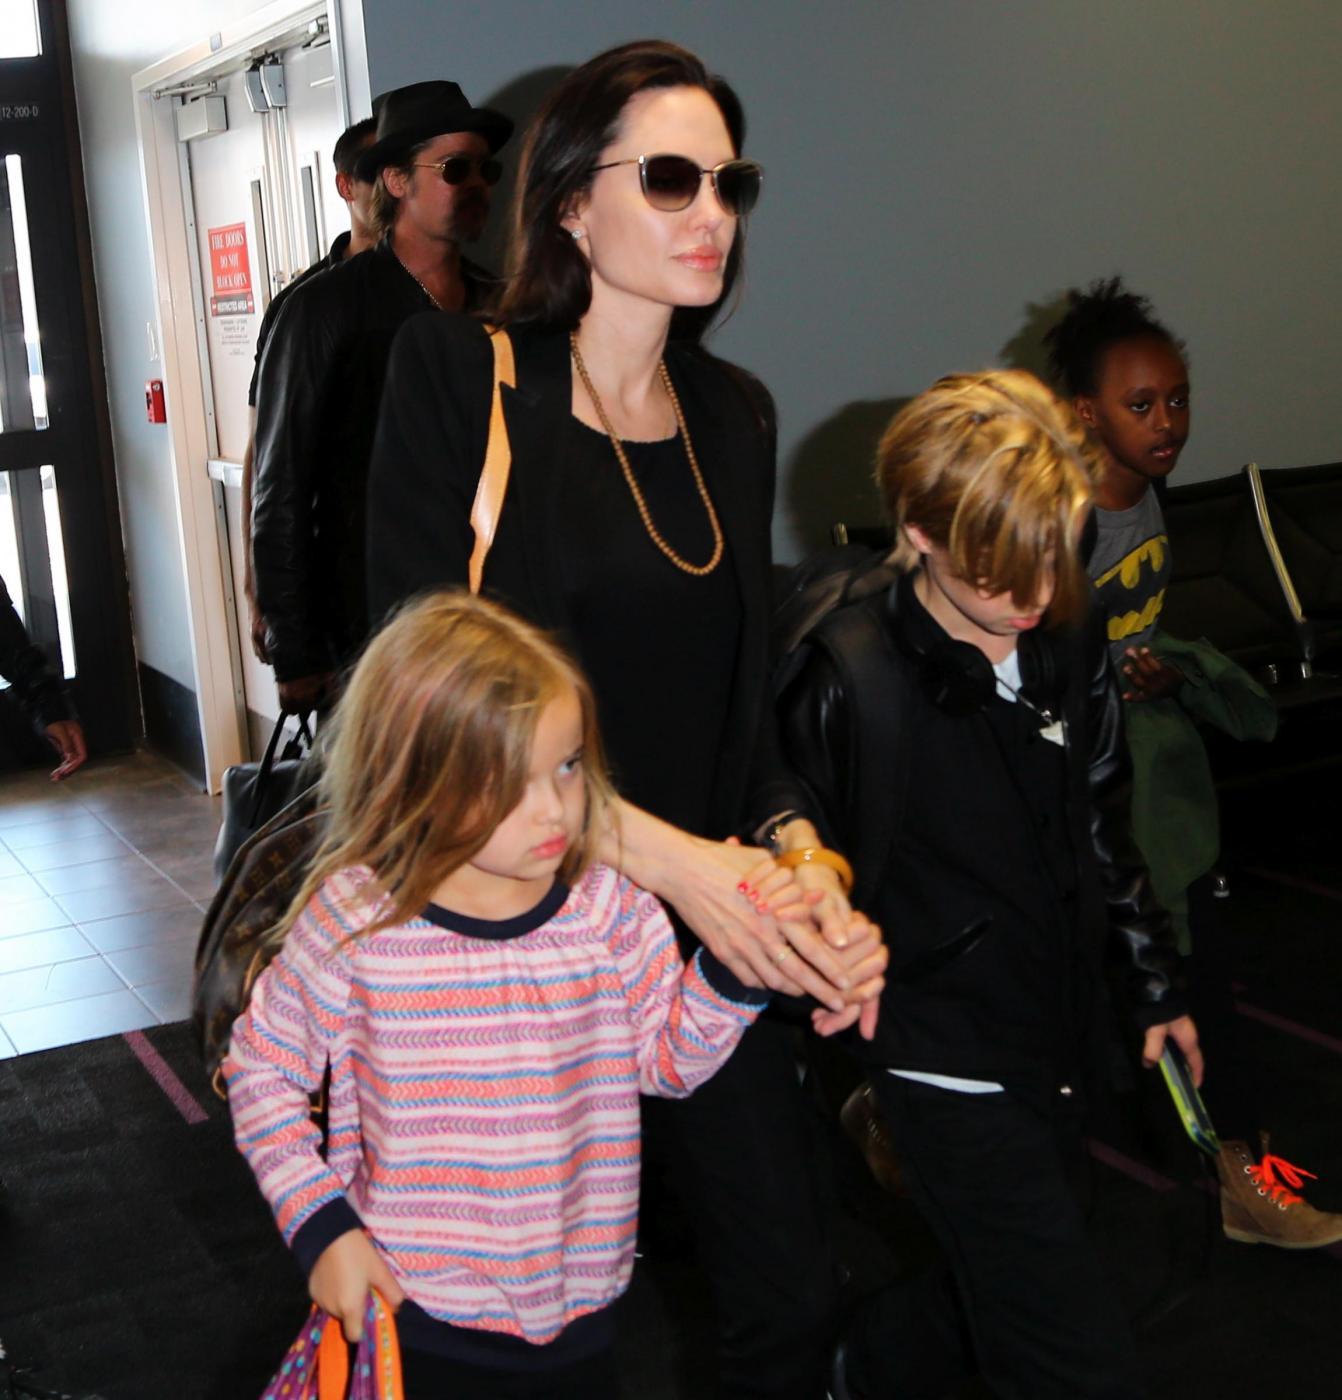 Angelina Jolie e Brad Pitt all'aeroporto con i figli FOTO 13